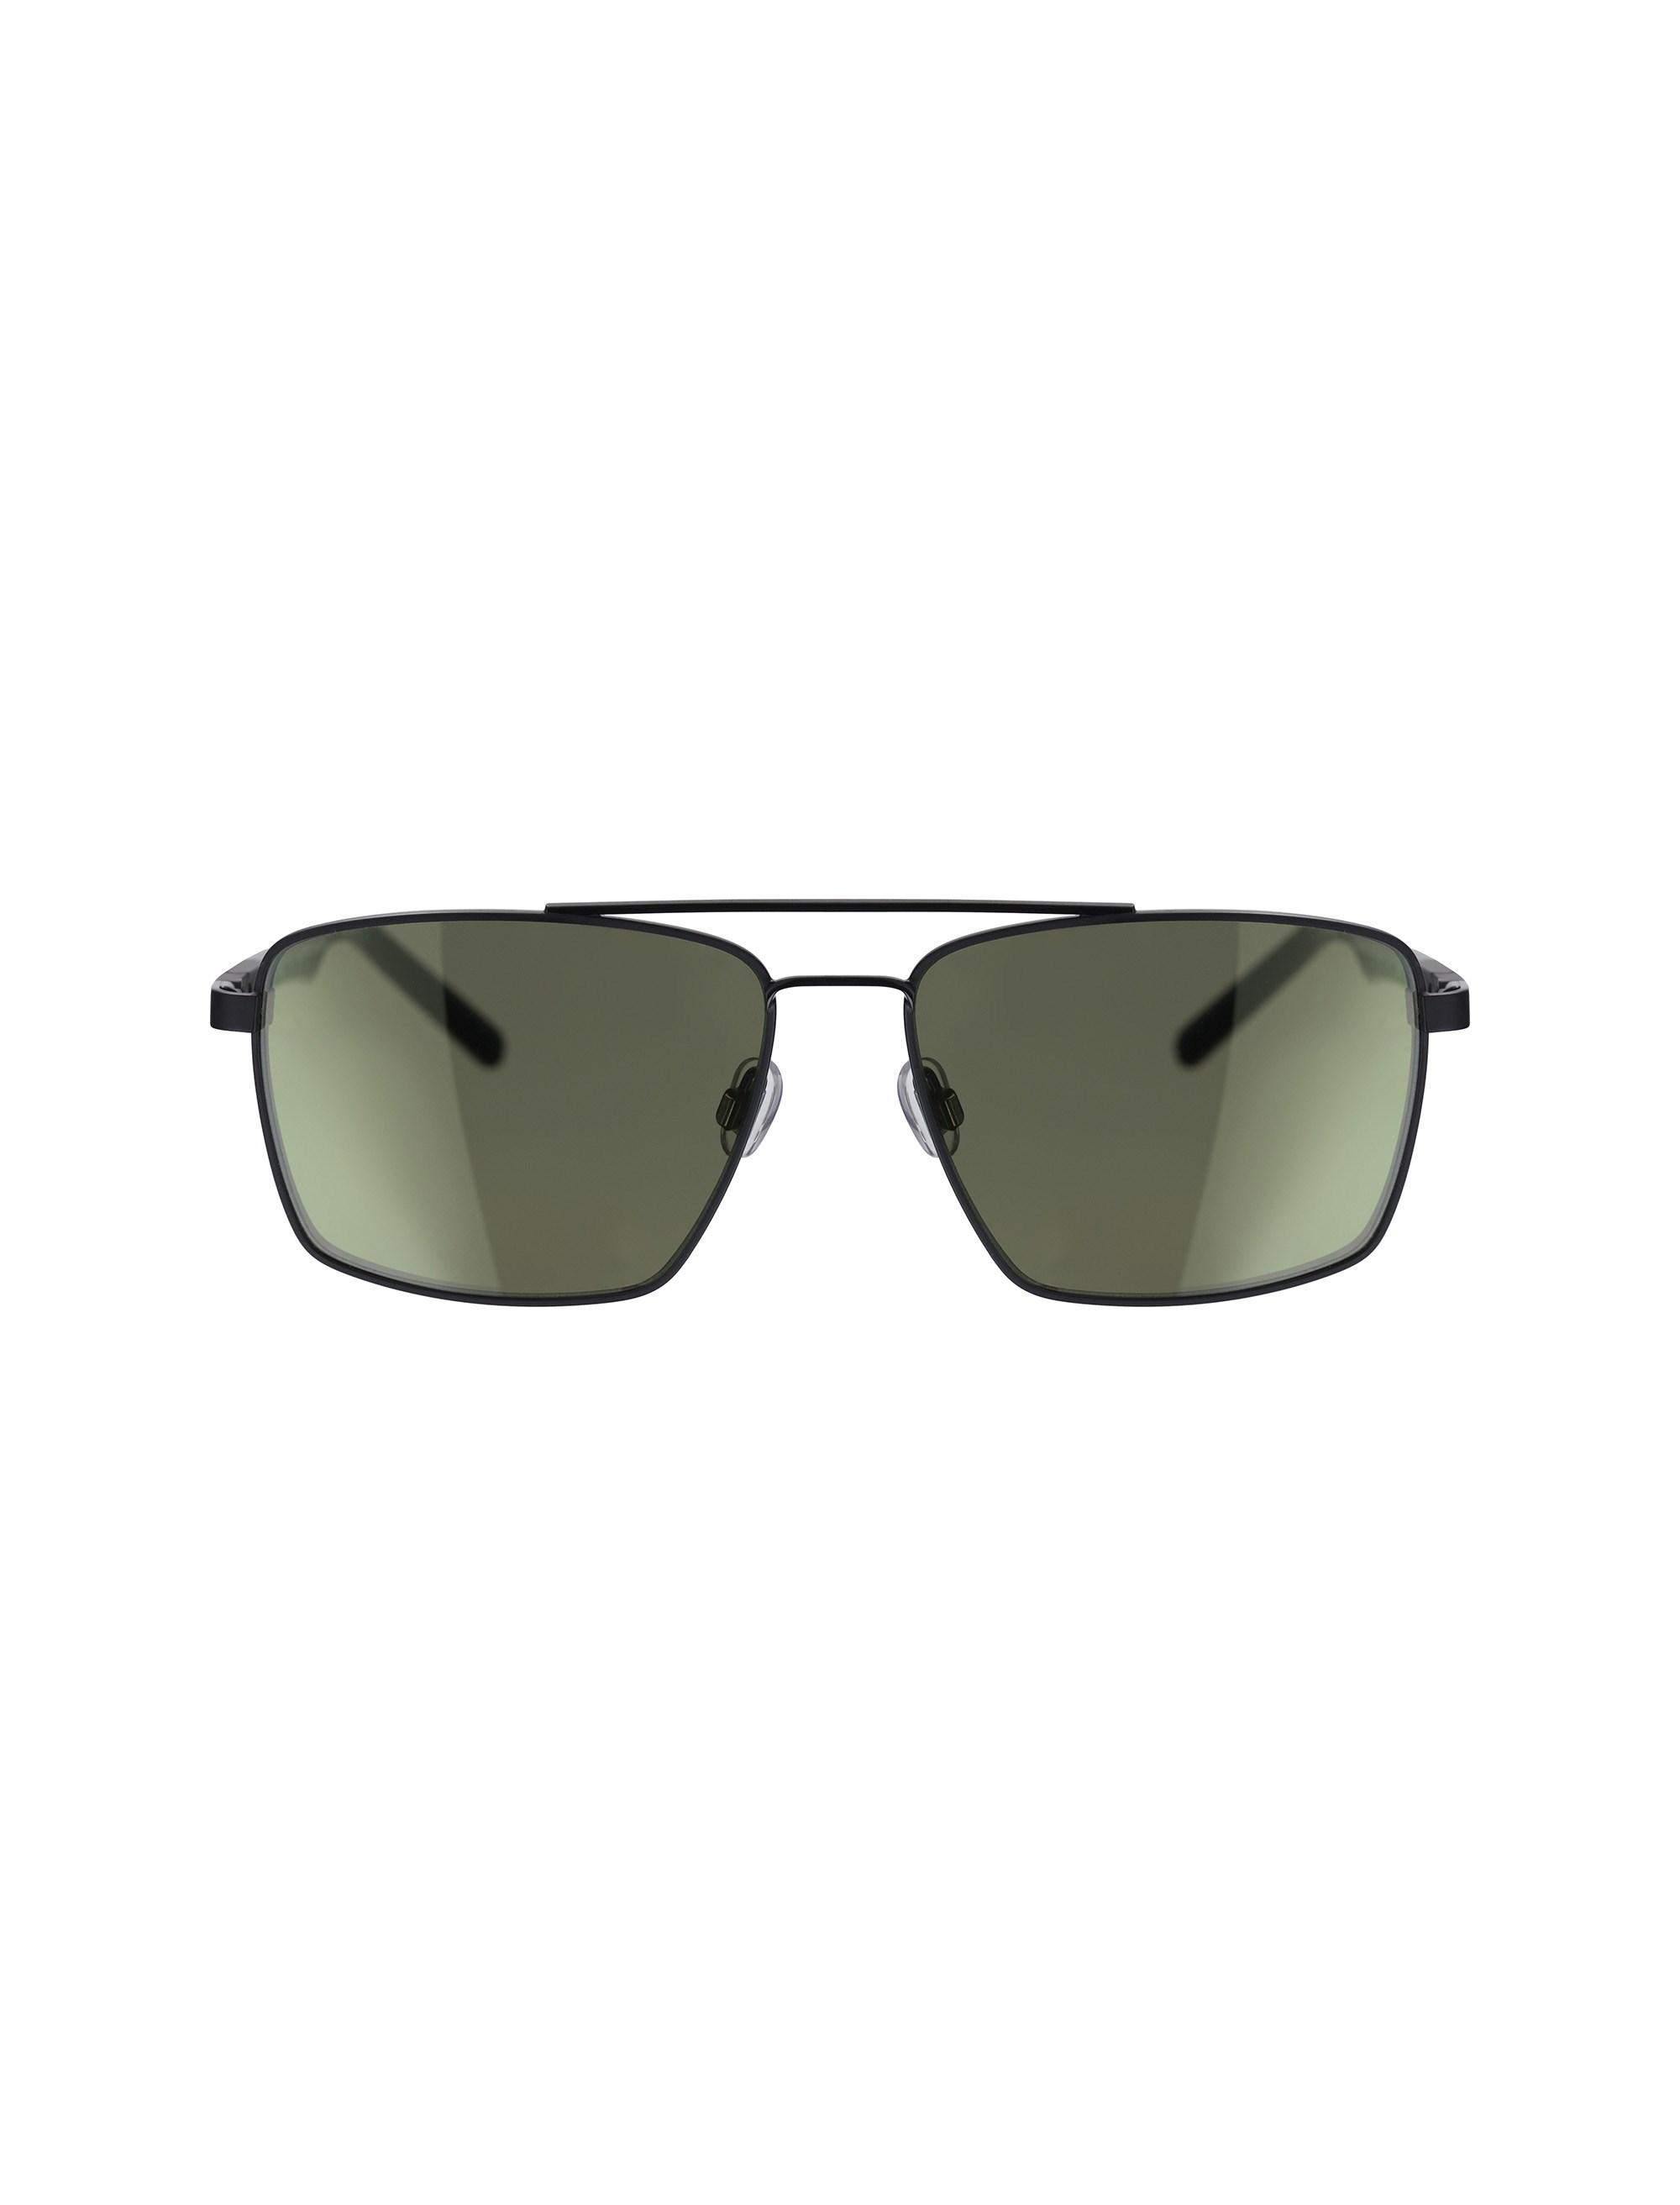 عینک مستطیلی مردانه - اسپاین - مشکي - 1